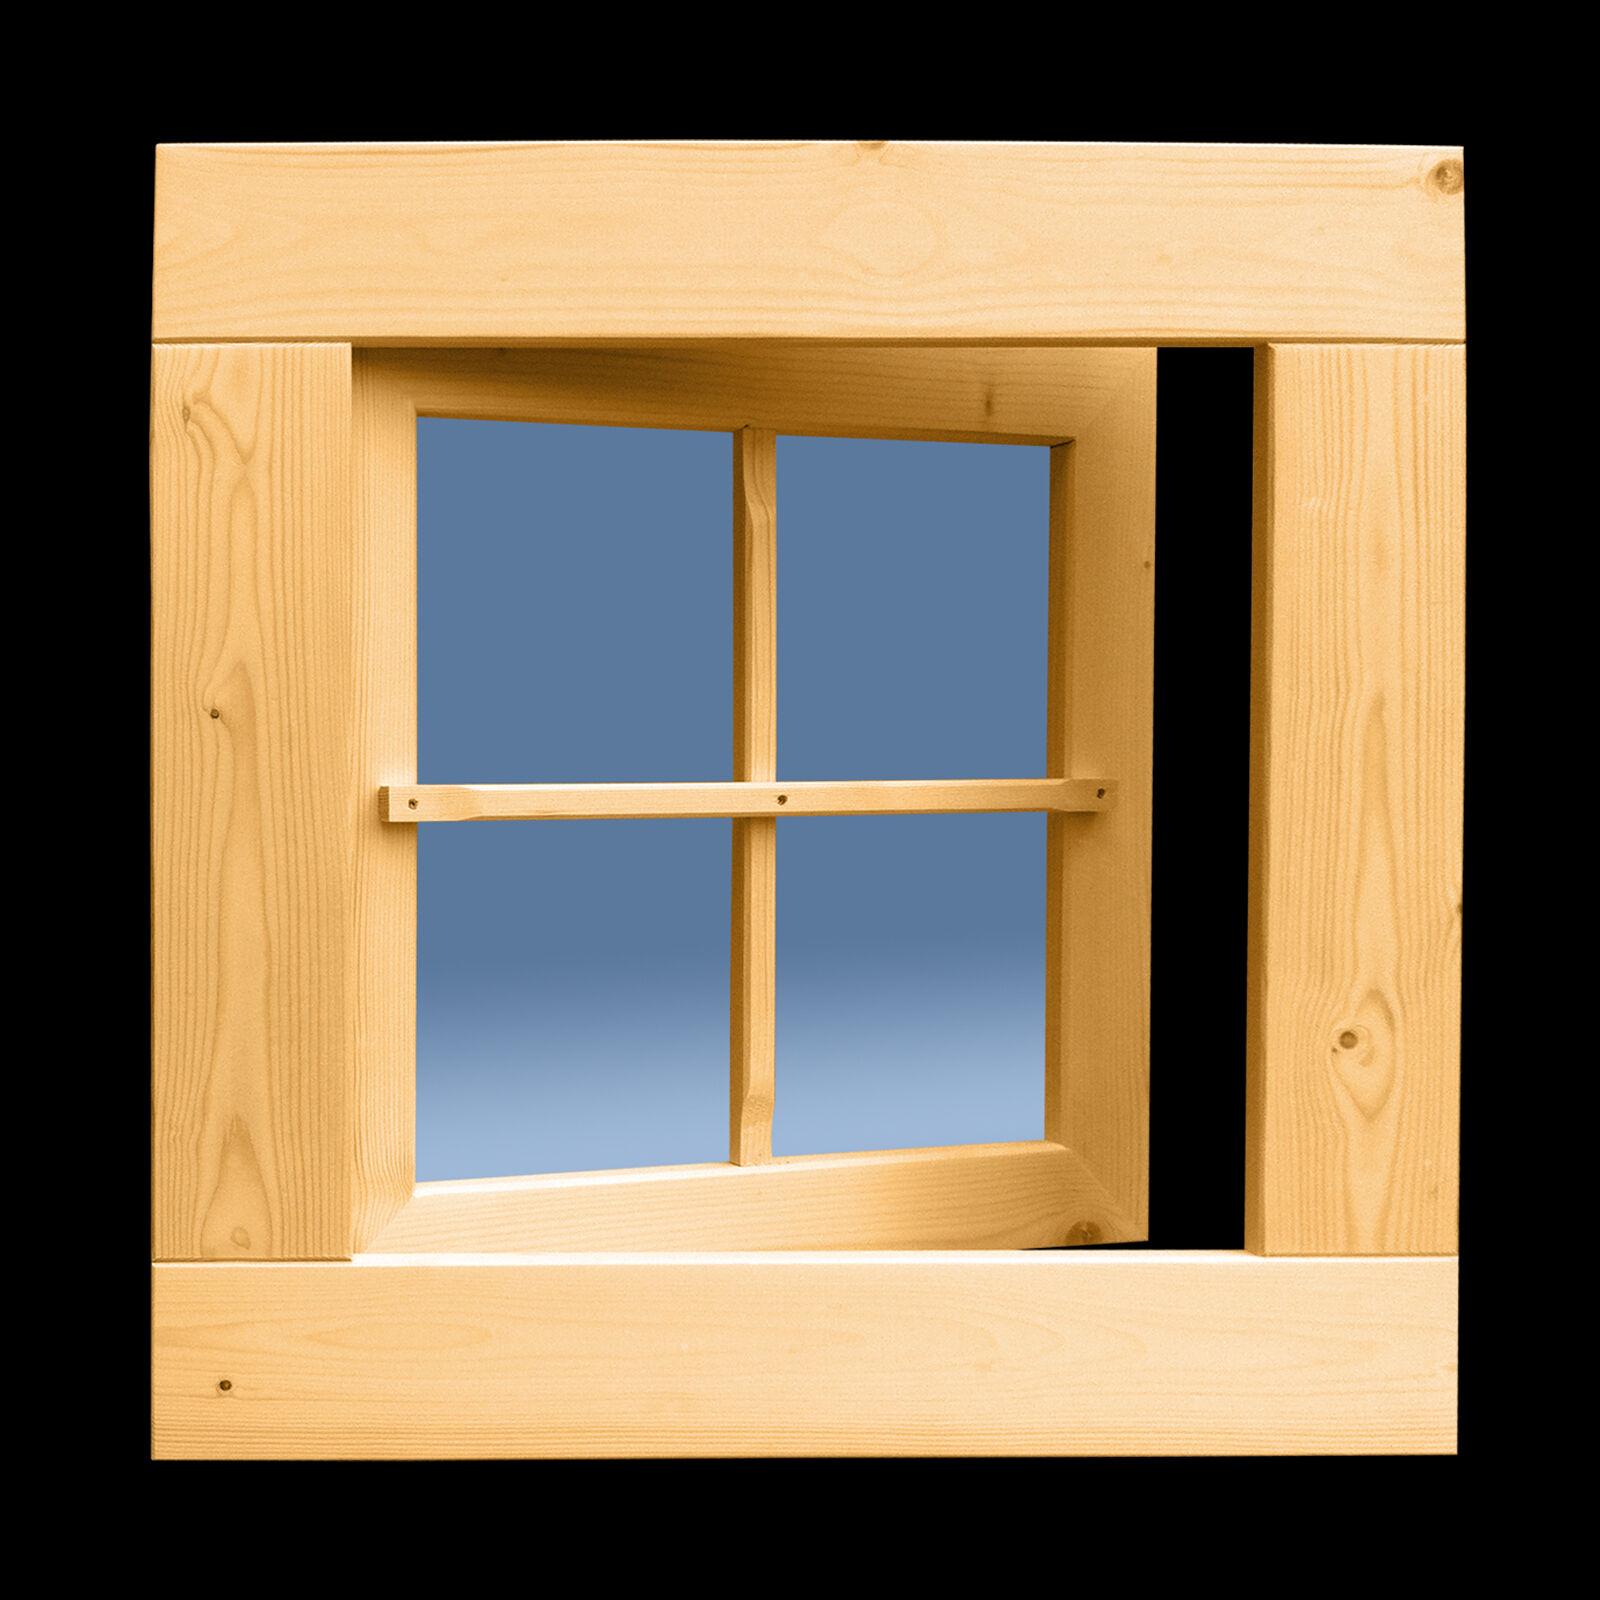 Gartenhaus Fenster Zum Offnen 5 Eck Gartenhaus Modell Monica 40